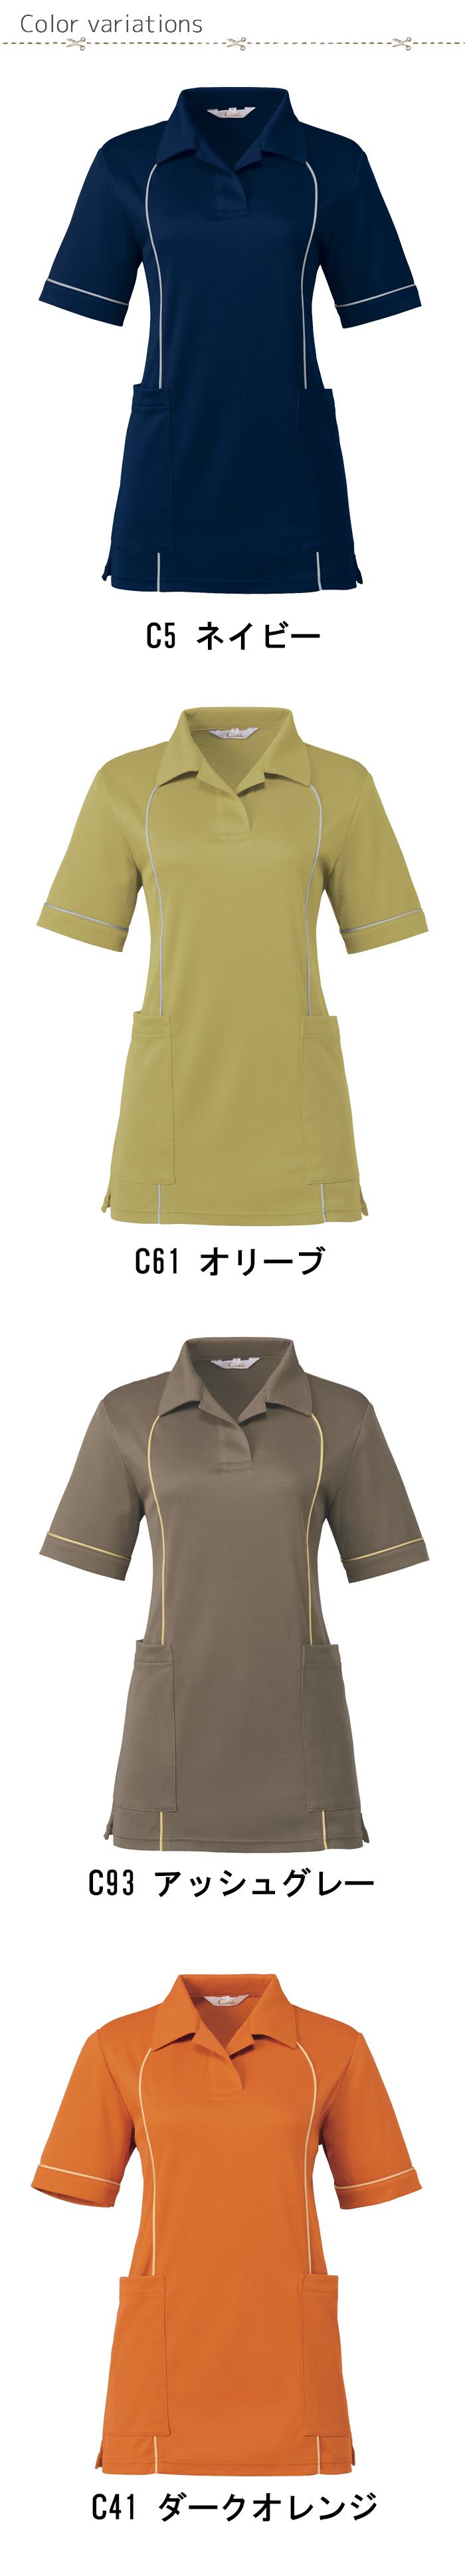 【エステサロン・整体マッサージ】肌触りなめらかニットシャツ